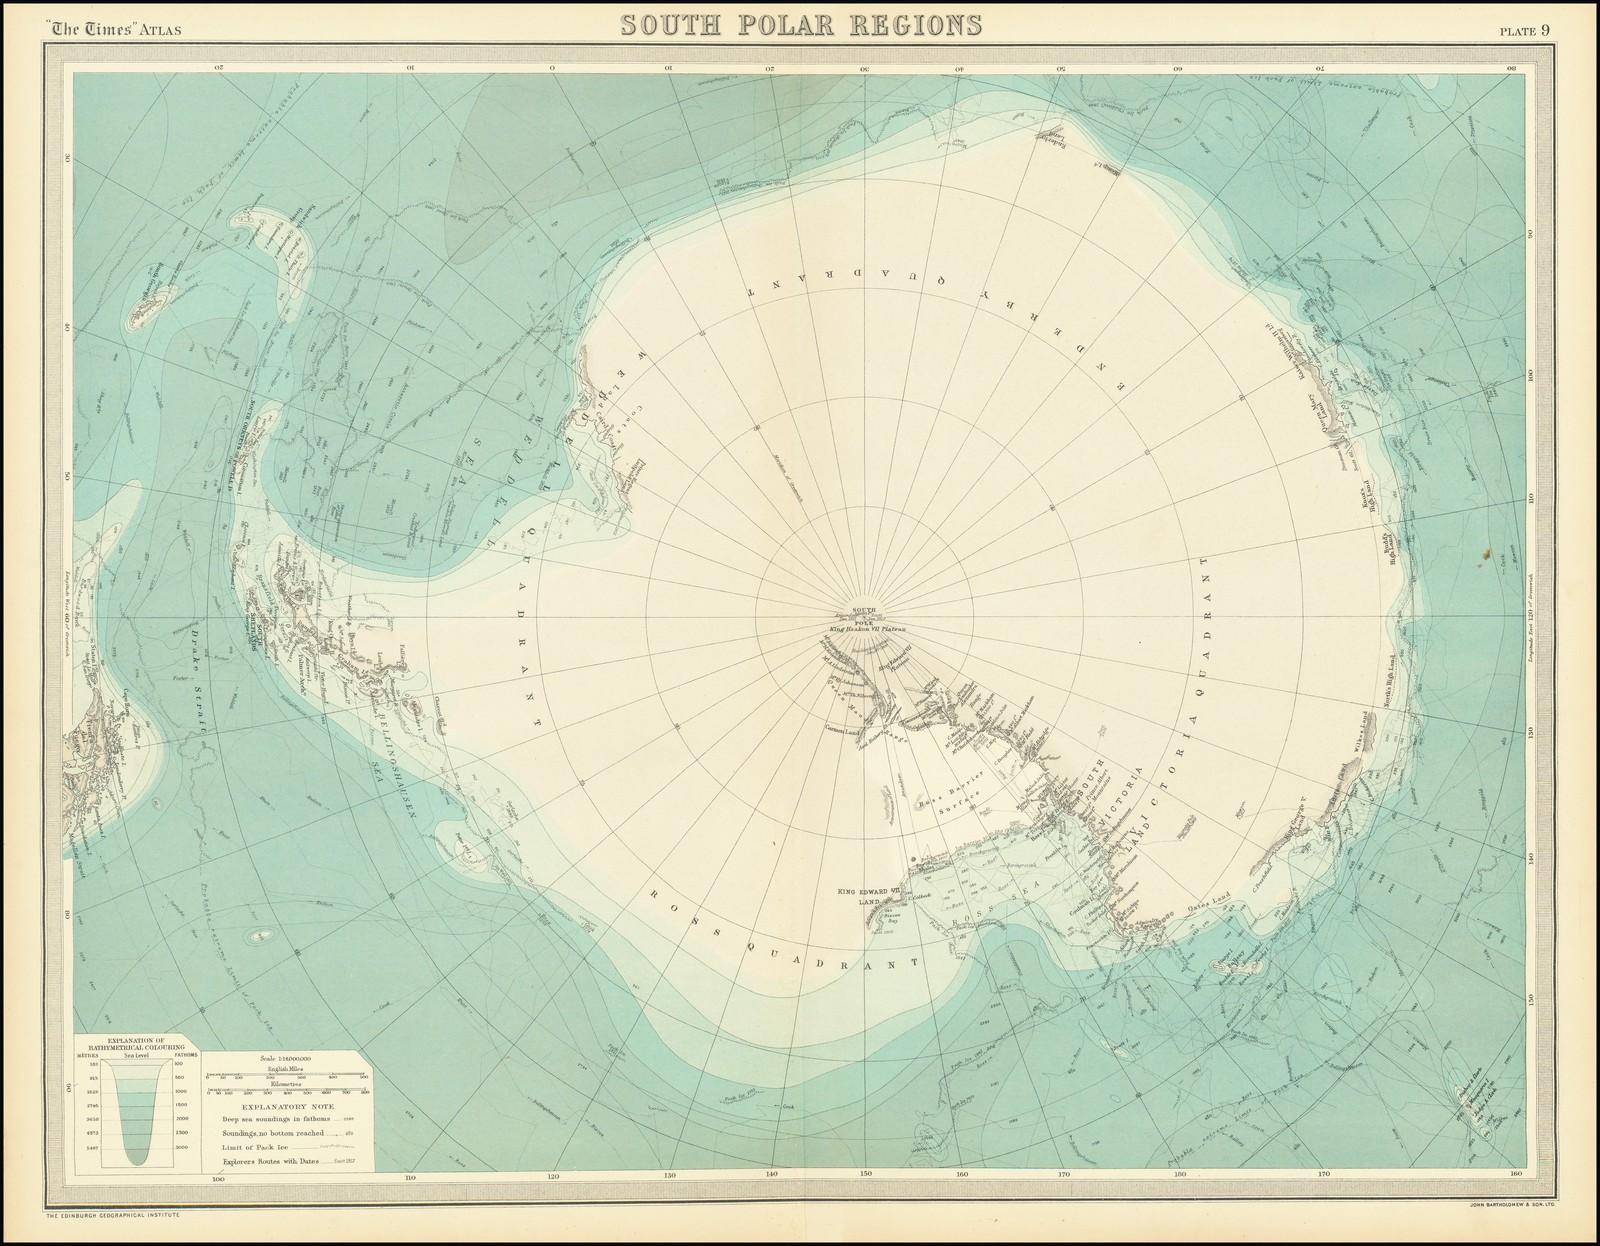 Карта Антарктиды, опубликованная в то время, когда контуры континента только начинали обретать очертания